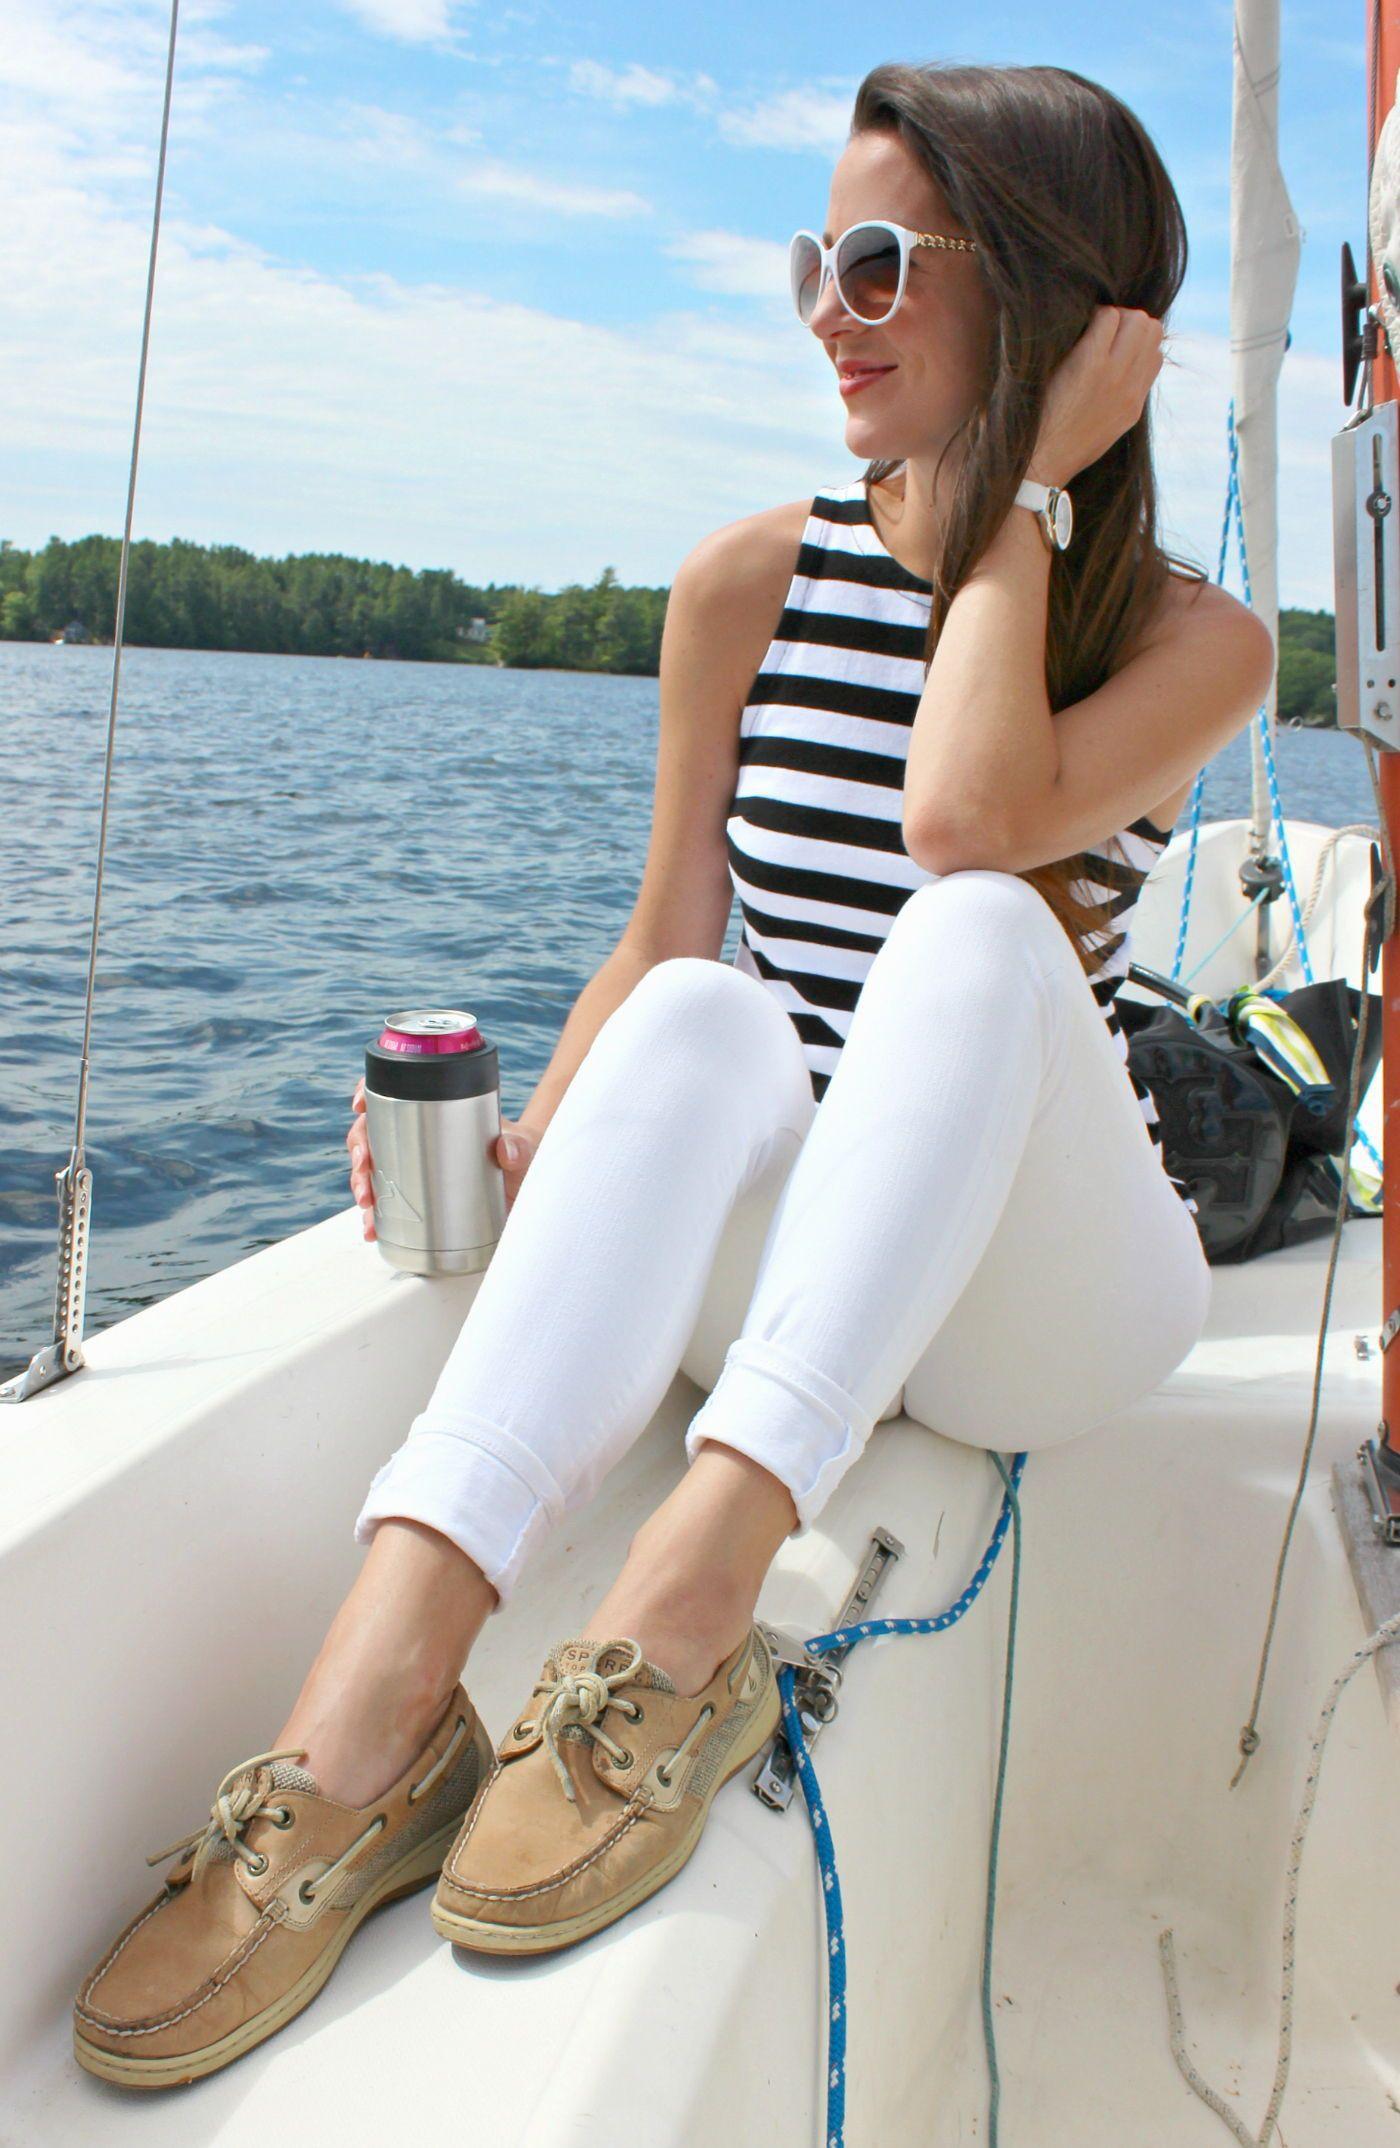 Colour ideas women wearing sperrys sperry top sider, boat shoe